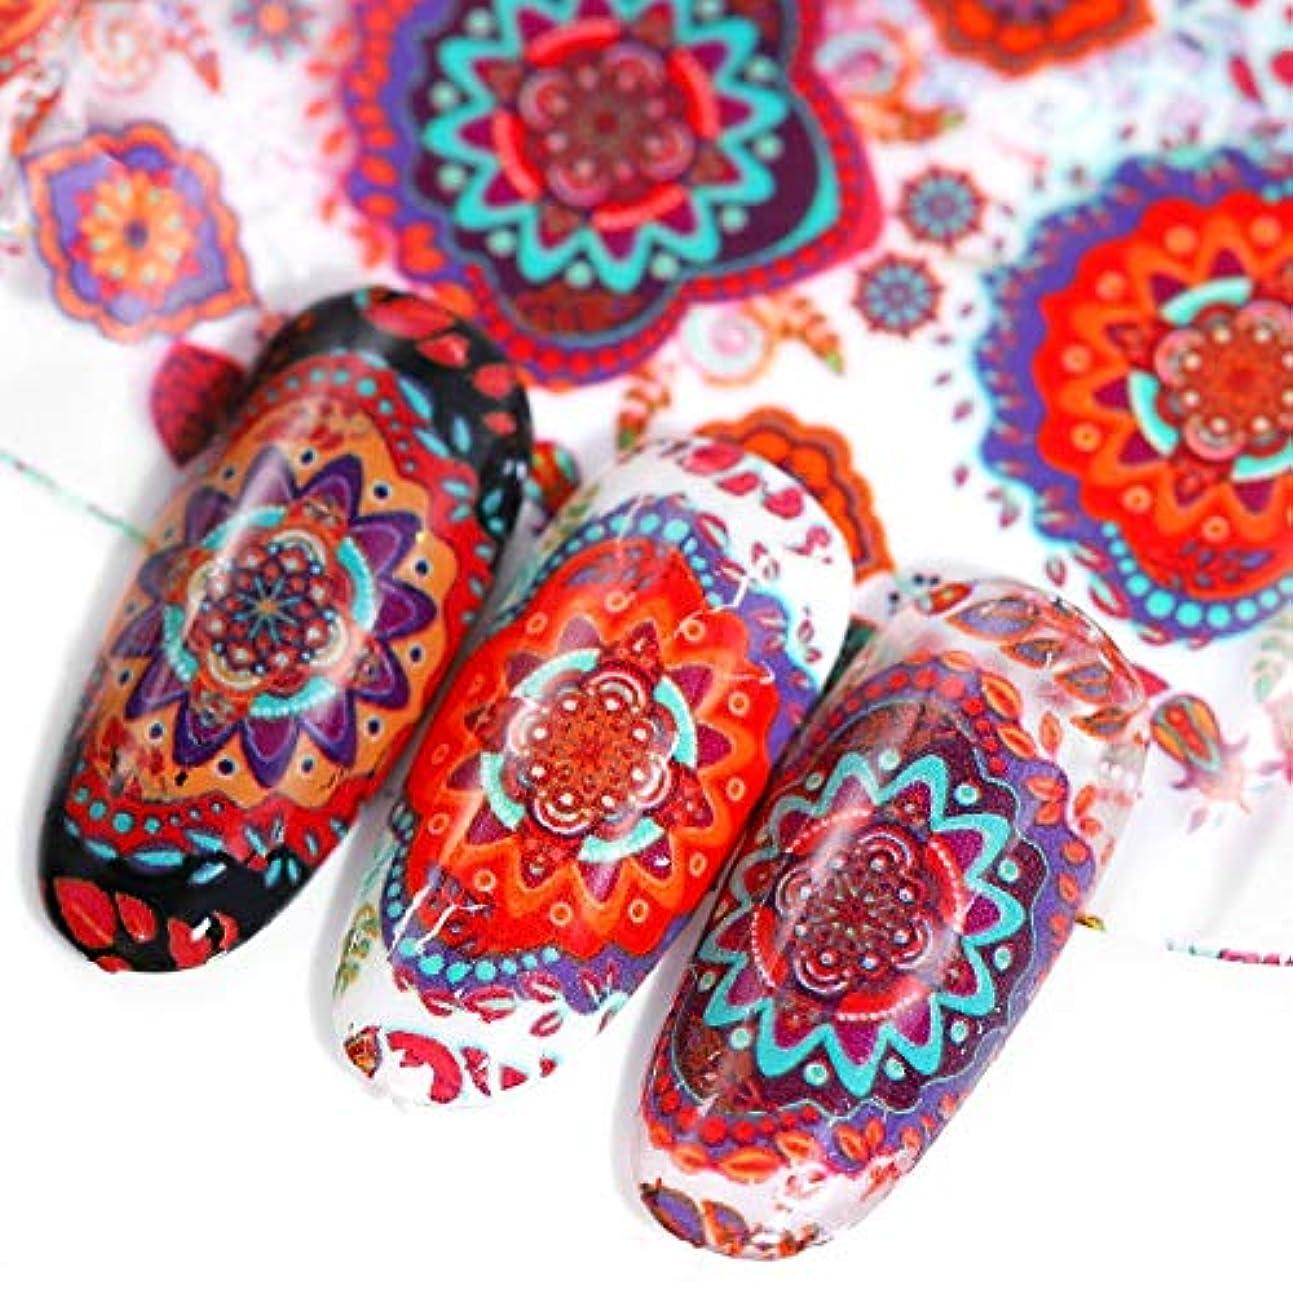 証言する弱点怠なArtlalic 10ピースネイルアートデコレーションネイルホイルネイル転写ステッカーネイルアートデカールカラフルな星空ヴィンテージエスニック風の花のデザインさまざまなデザインランダム混合